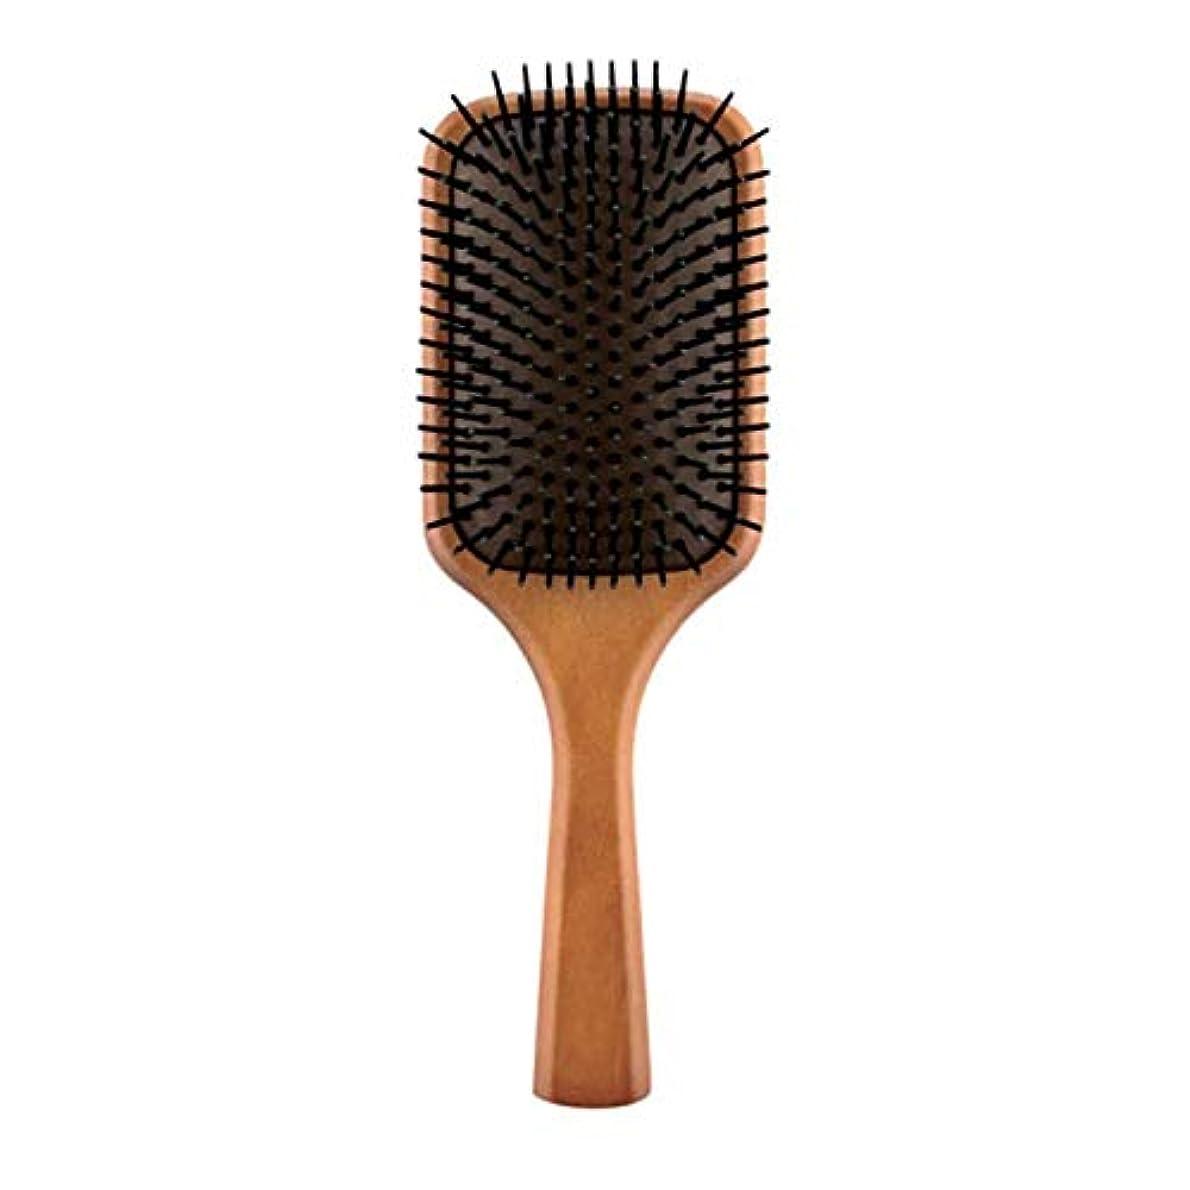 祝うダニペストリーヘアケア パドルブラシ 頭皮ケア InstagramなどのSNSで大人気